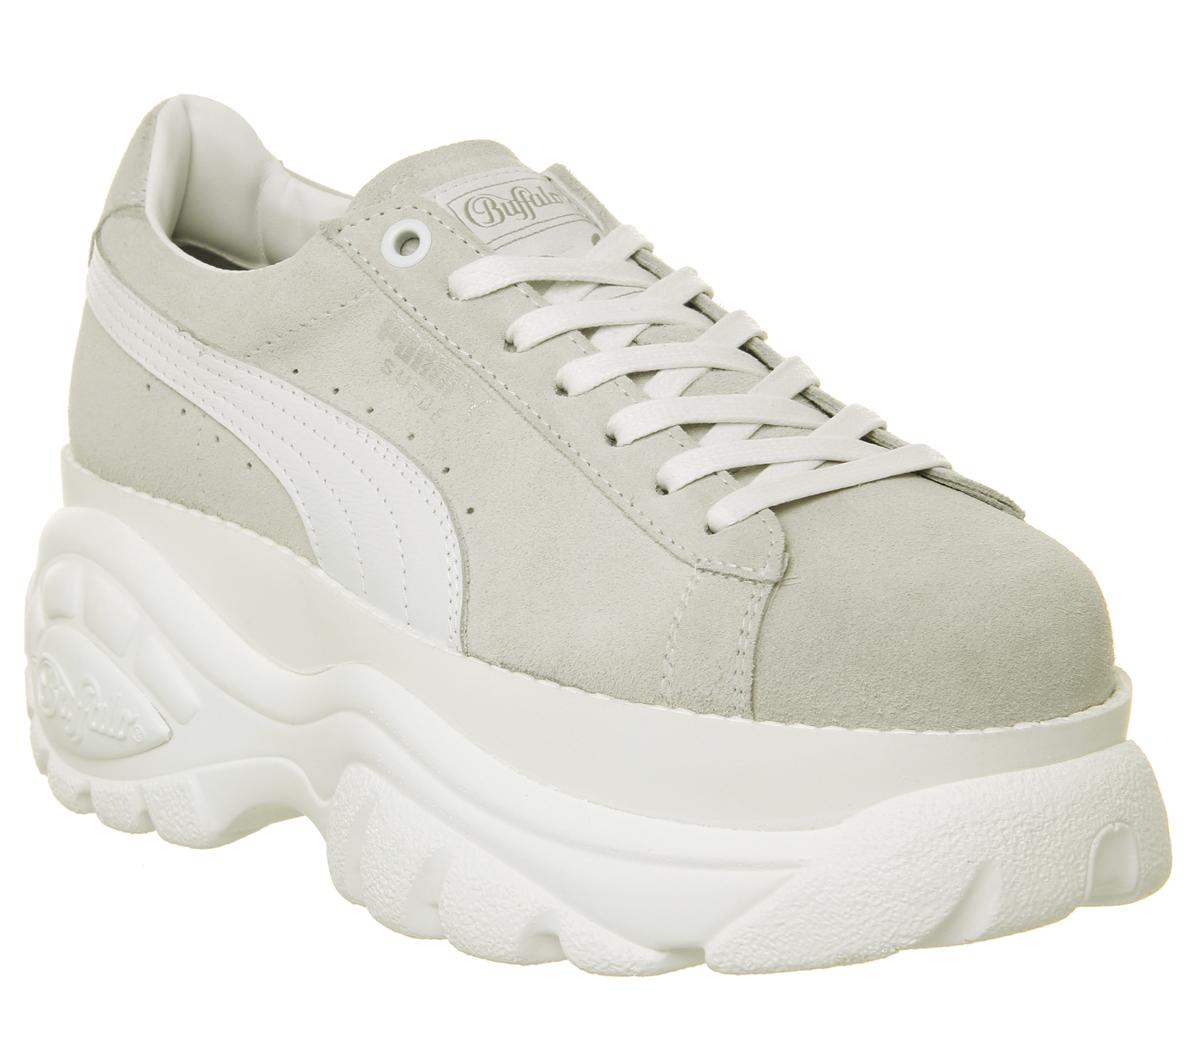 23e25239c55c75 SENTINEL Donna Puma Suede Buffalo Puma scarpe da ginnastica scarpe bianco